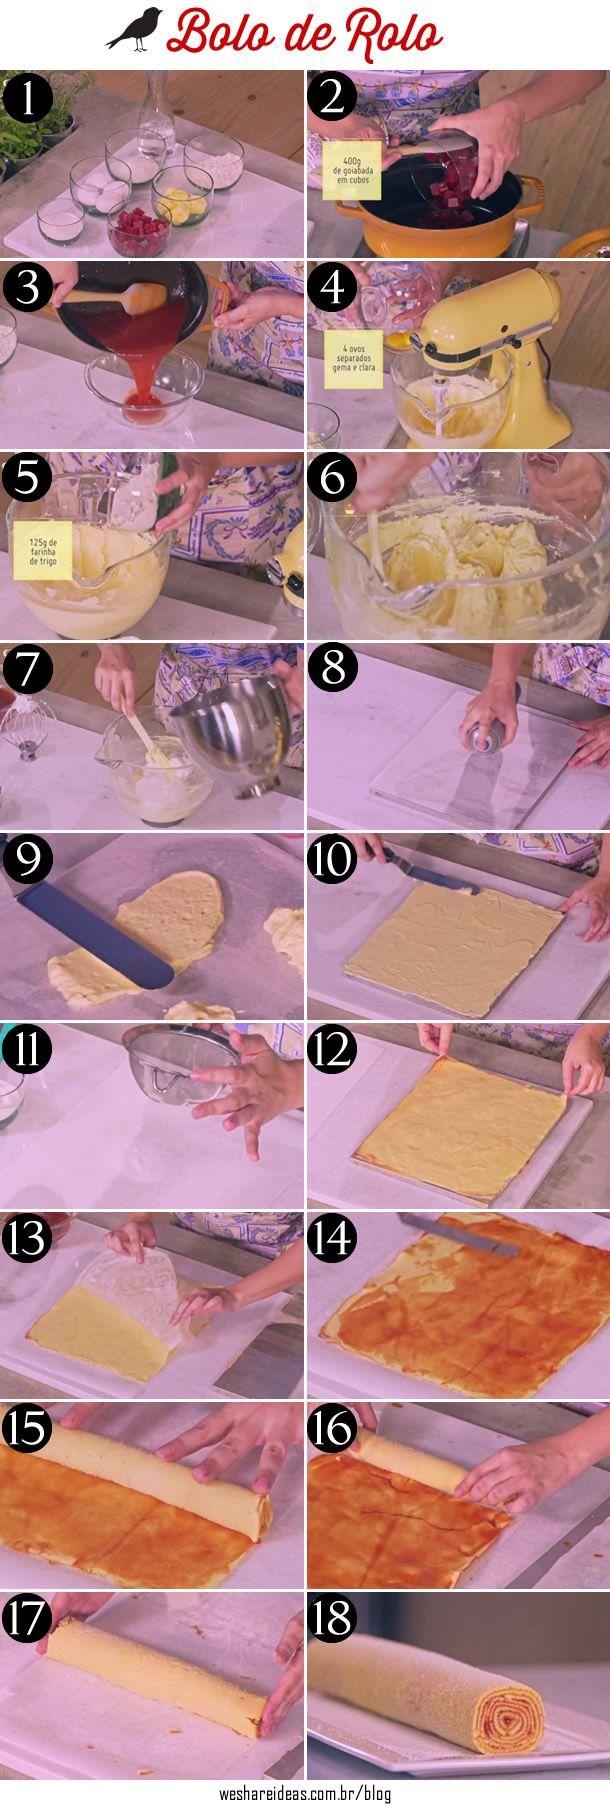 veja como fazer bolo de rolo passo a passo para fazer uma massa bem fina e saborosa.